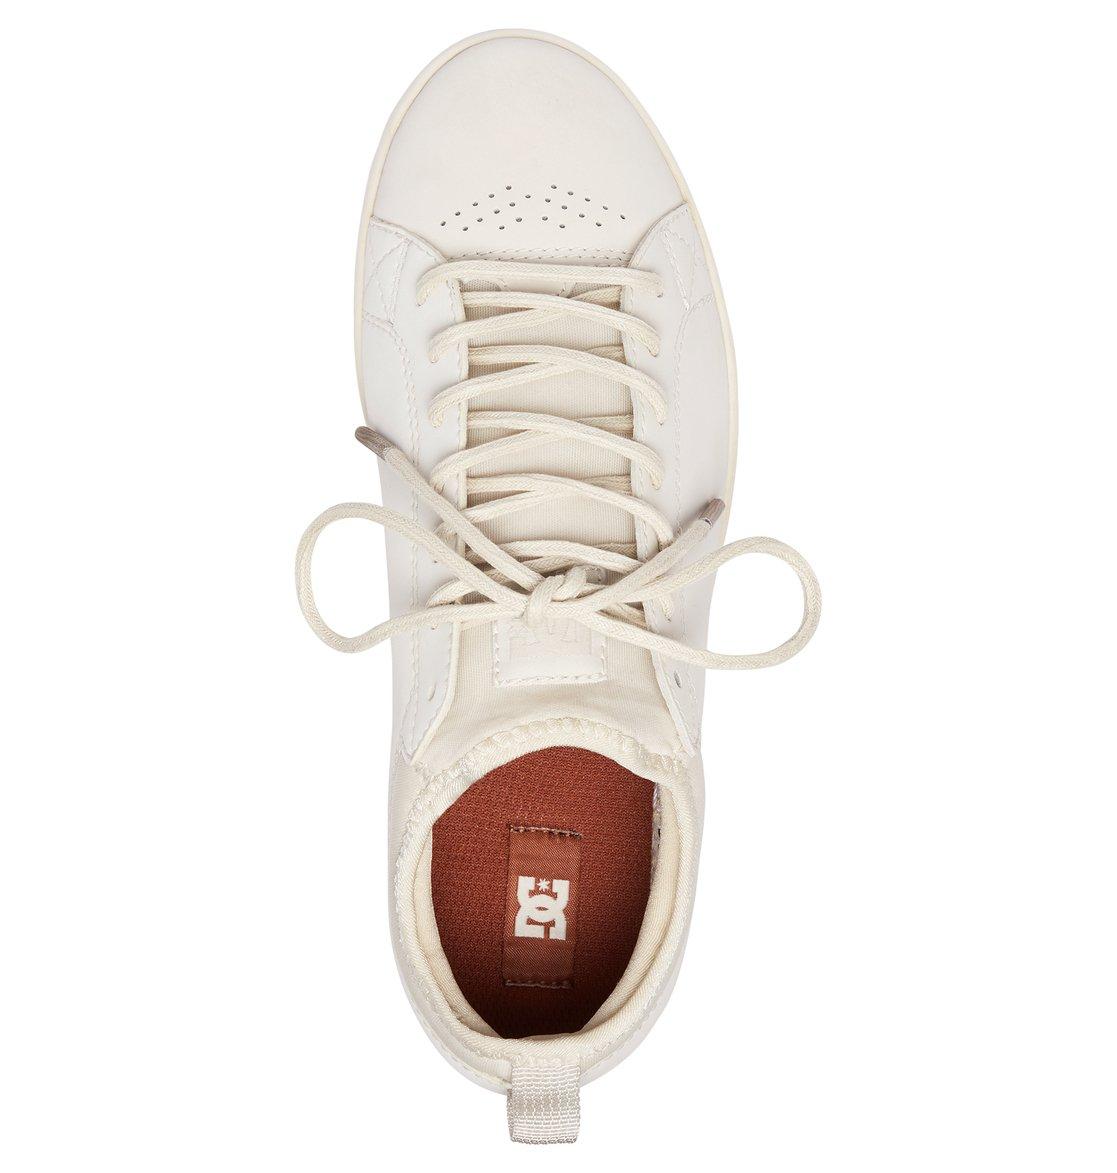 8a60afec3 3 Tenis Cano Baixo Feminino DC Shoes Magnolia SE Branco BRADJS100104 DC  Shoes